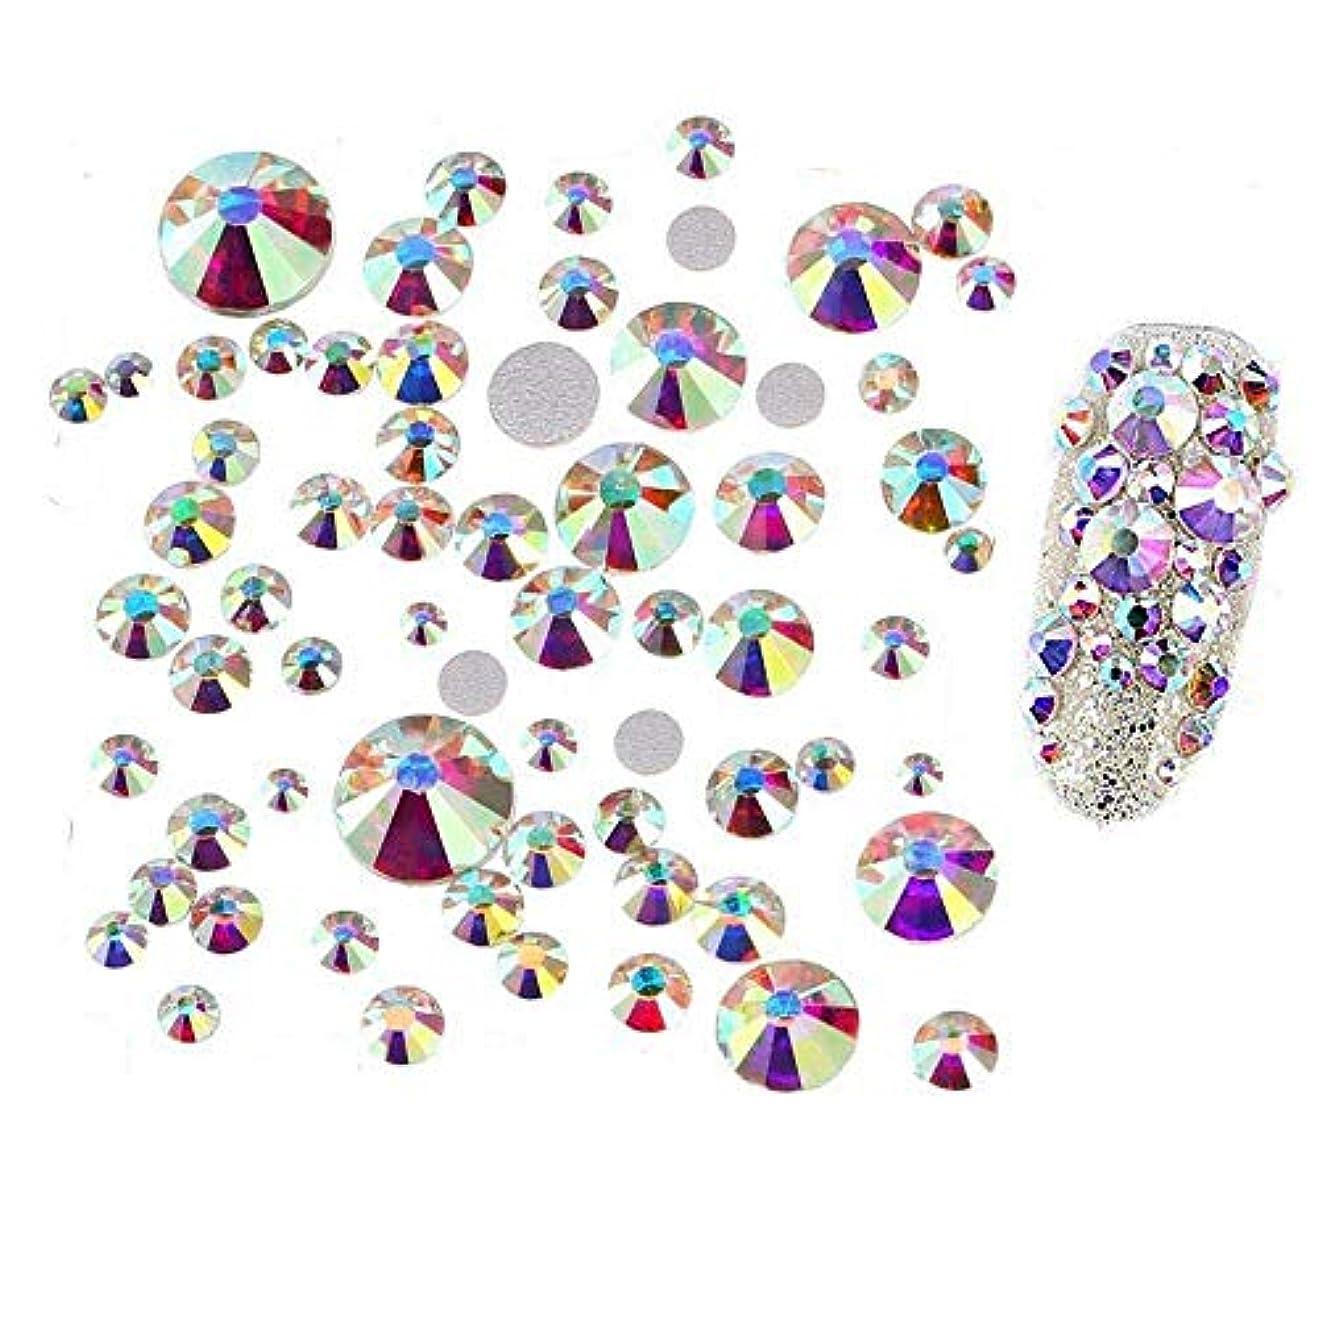 再現する虚偽楽しい高品質 ガラスストーン オーロラ クリスタル,ラインストーン ネイル デコ ガラスストーン クリスタル ジェルネイル ネイルパーツ (約200粒)